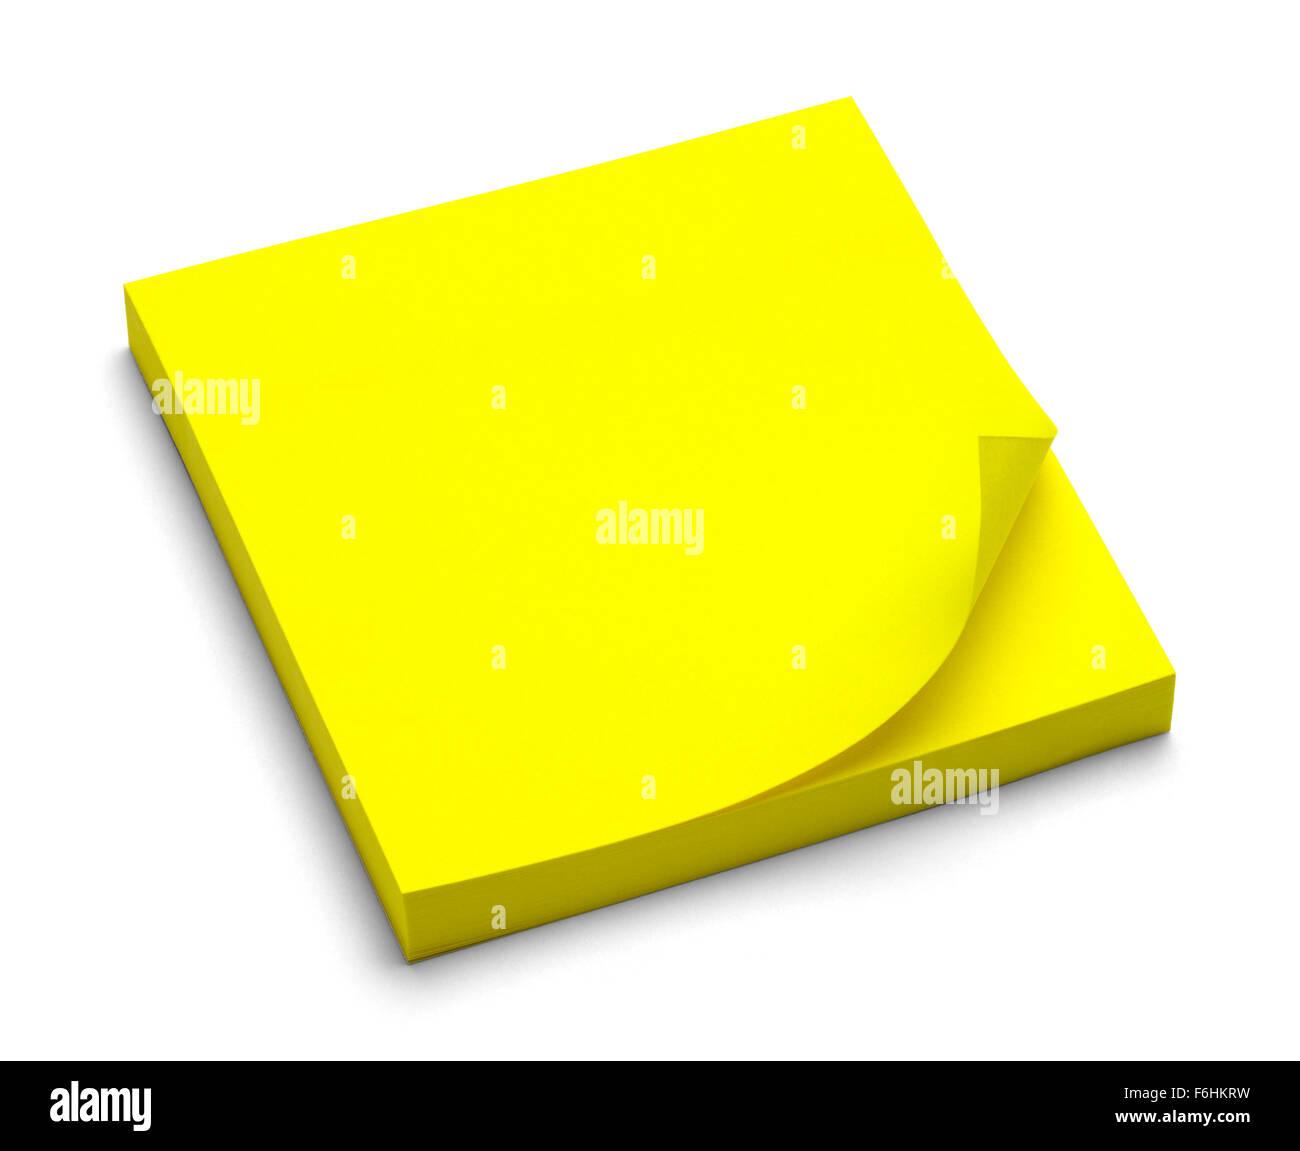 Bigliettino giallo Pad isolato su uno sfondo bianco. Immagini Stock